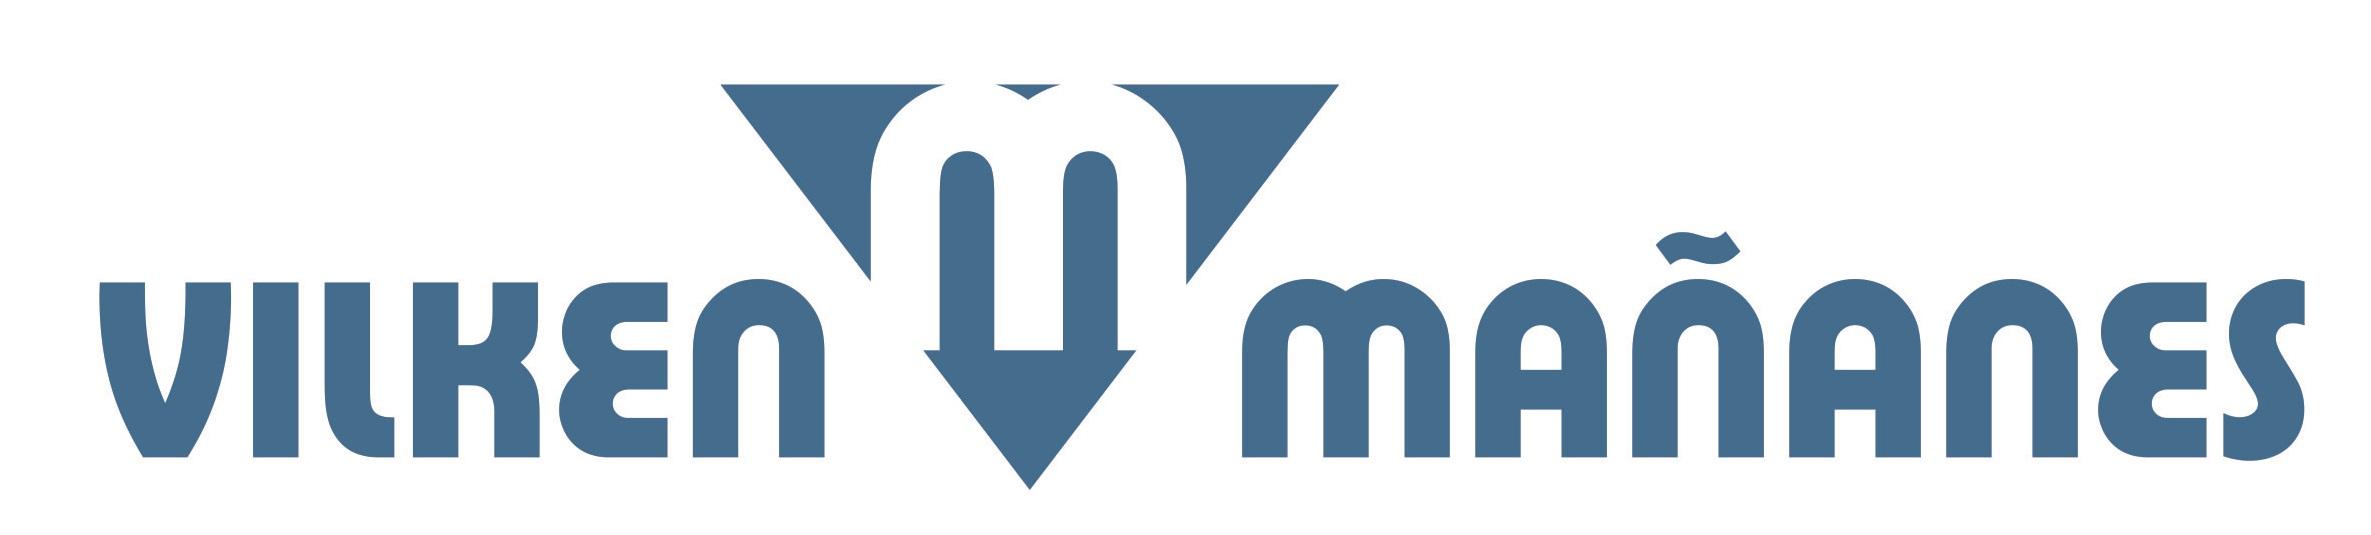 logo vilken